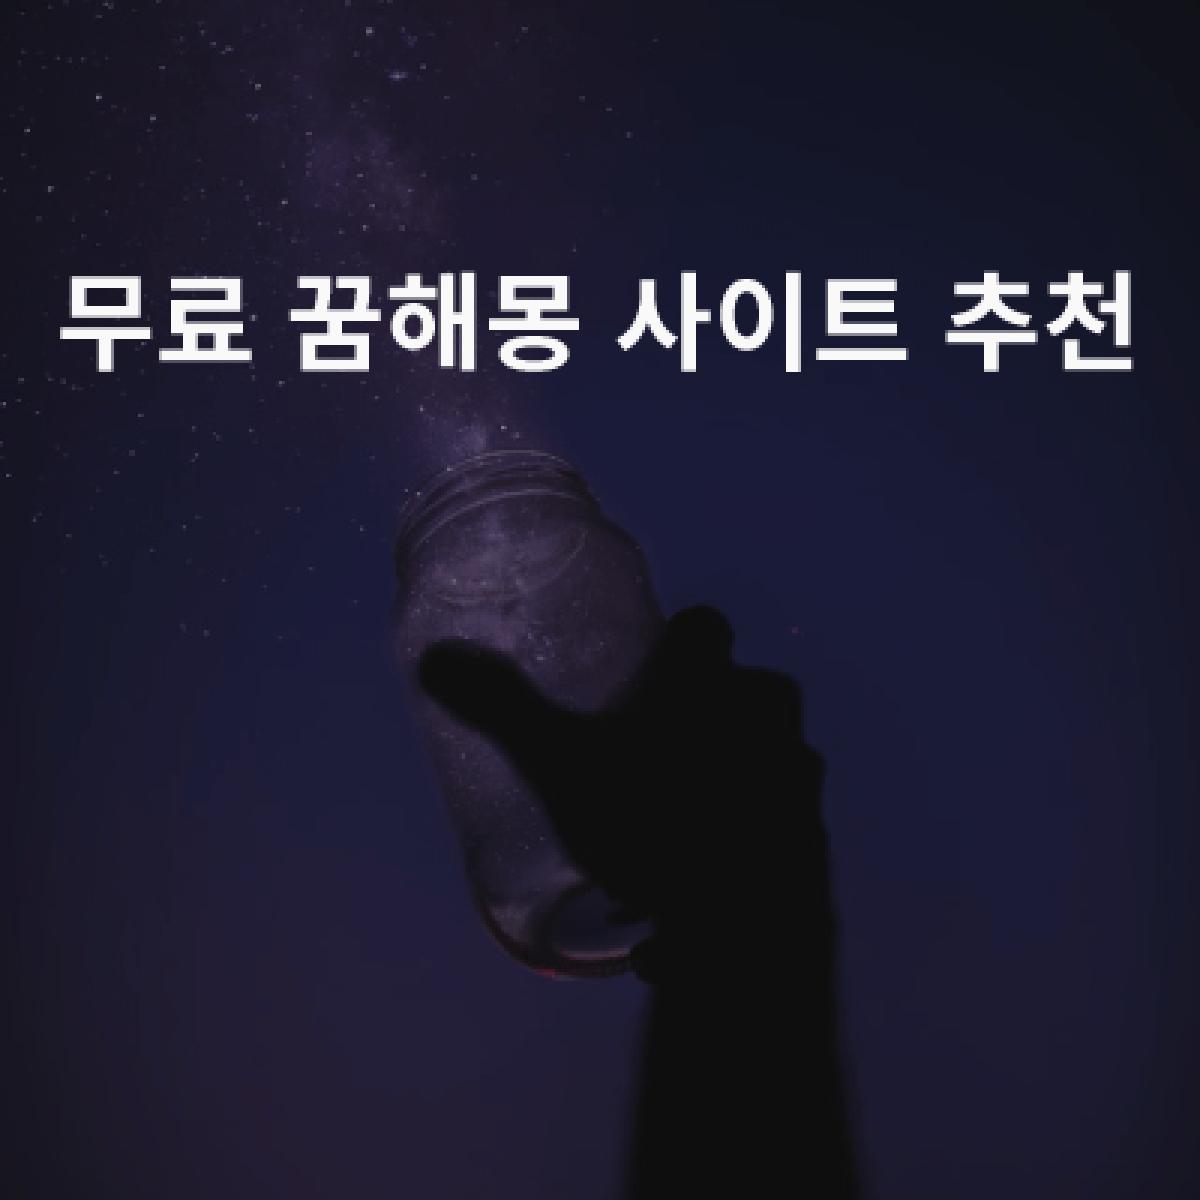 무료 꿈해몽 사이트 추천